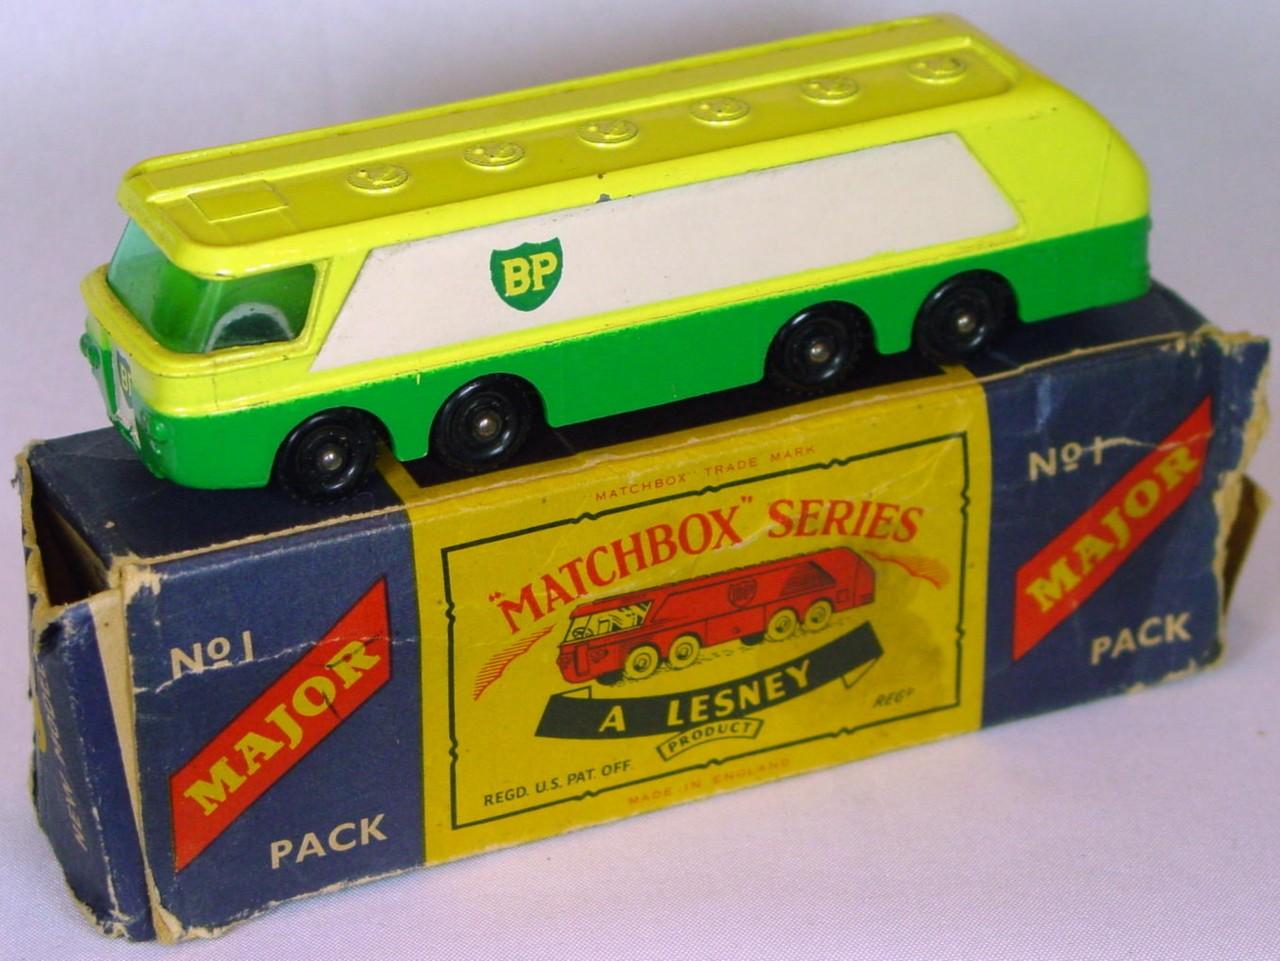 Major Pack 01 B 1 - BP Autotanker knobby black wheels 3 chips C8 Lesney box -1 flap